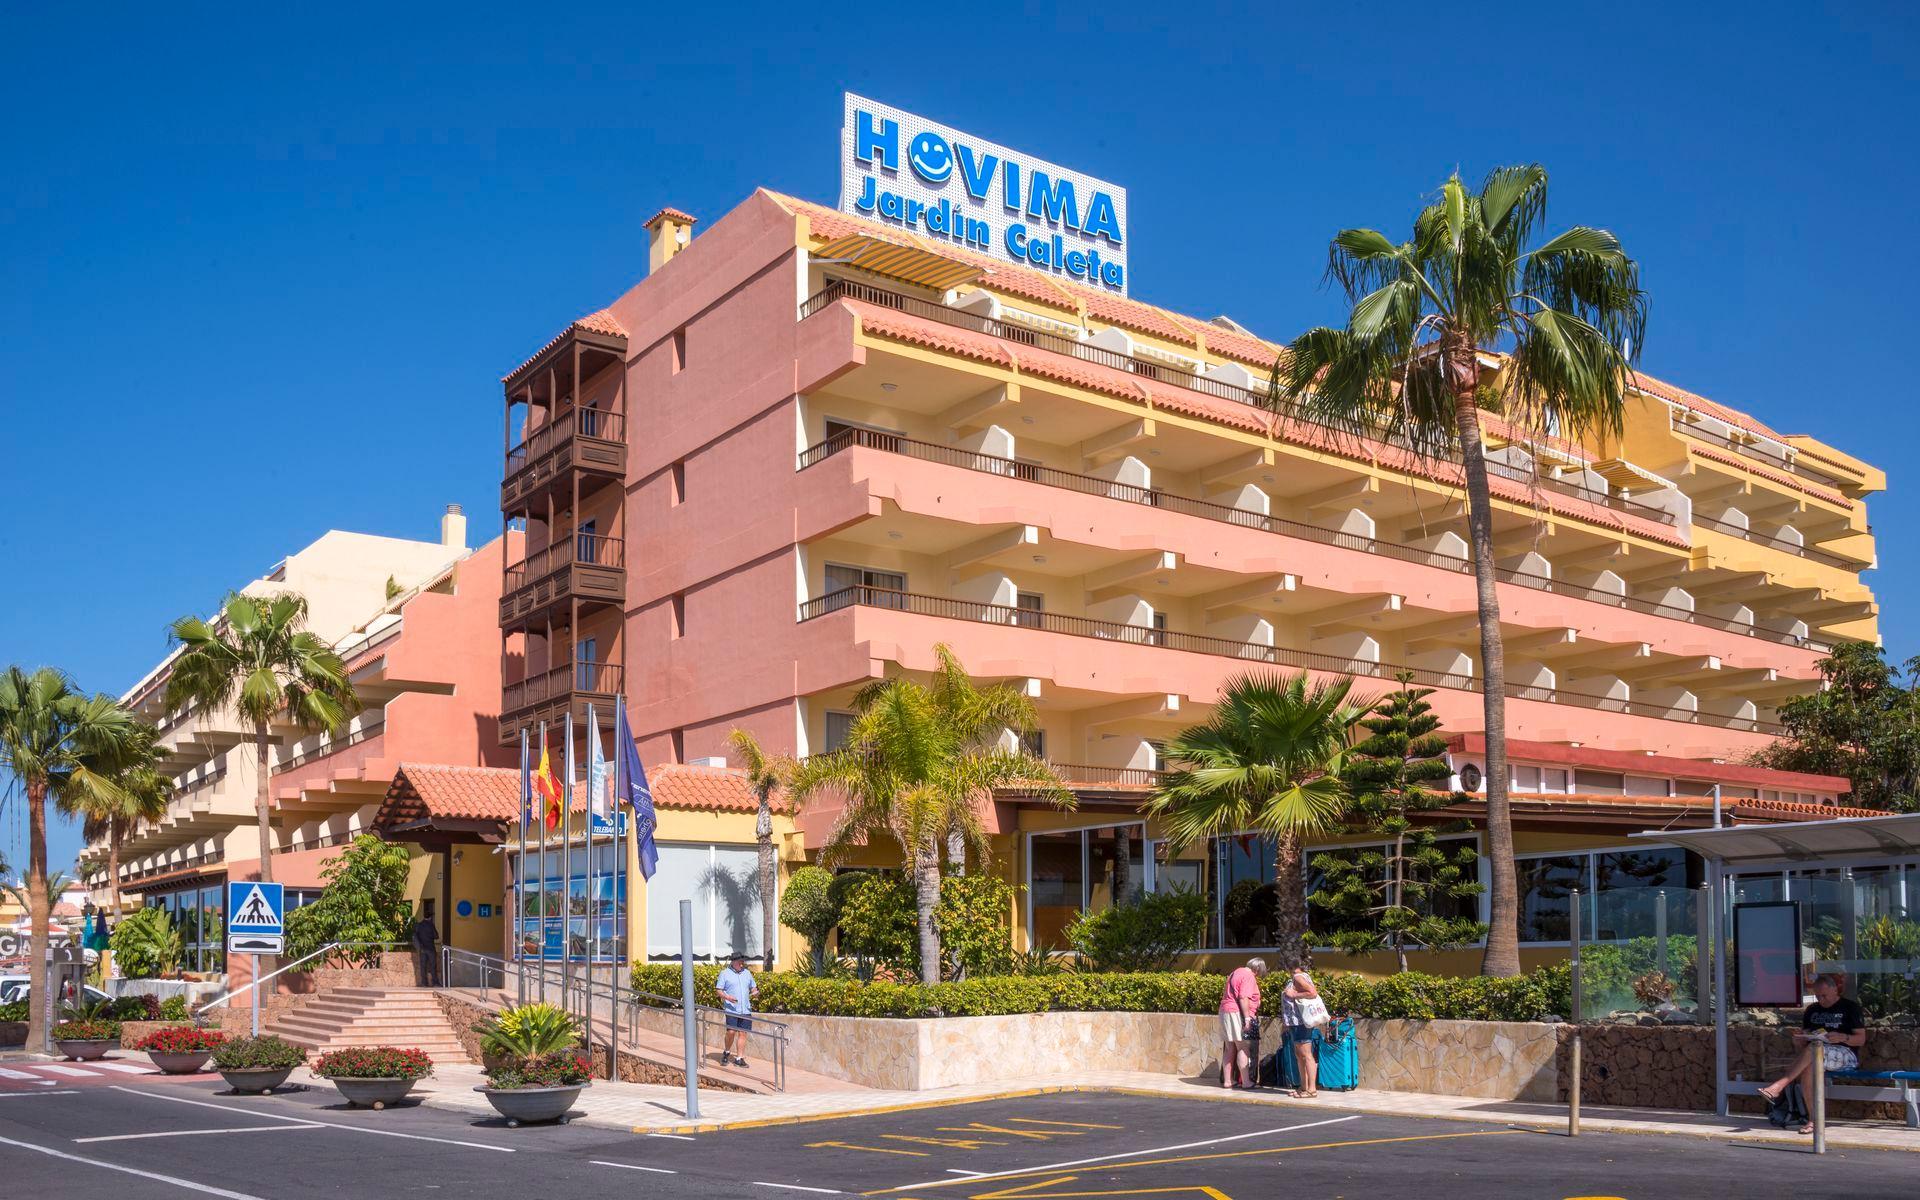 Hotel aparthotel hovima jardin caleta en la caleta for Hotel jardin la caleta tenerife